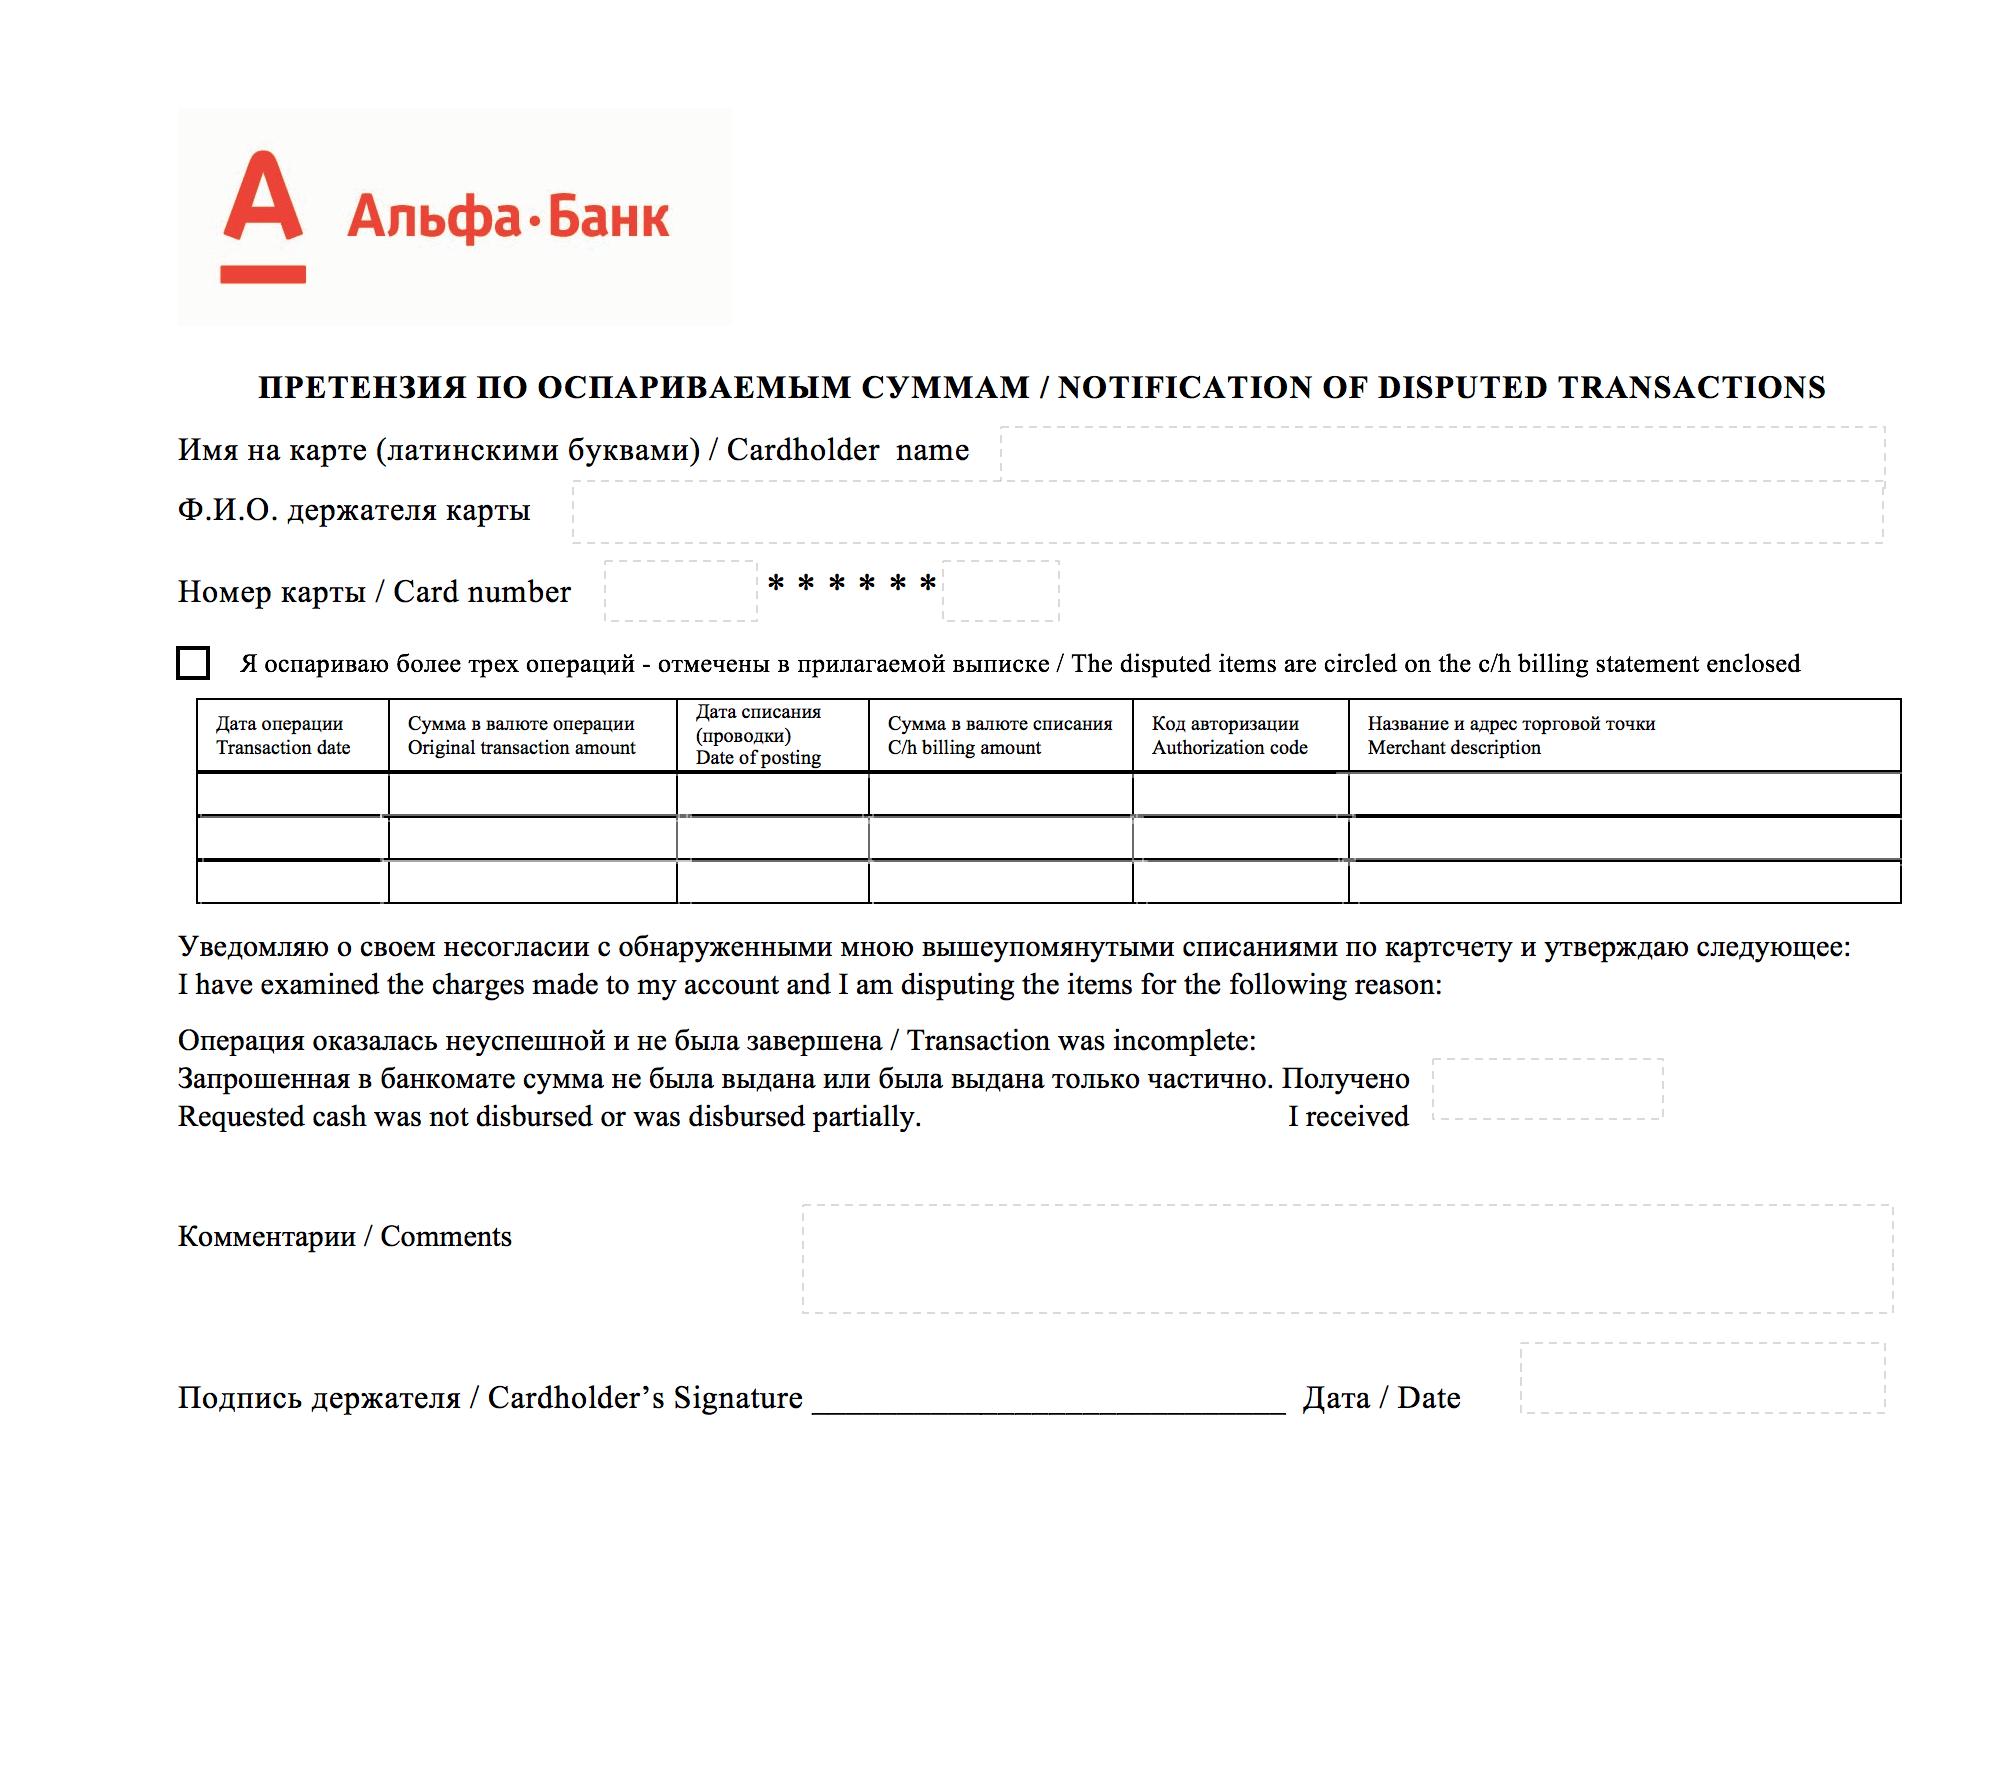 Форма обращения в «Альфа-банке»